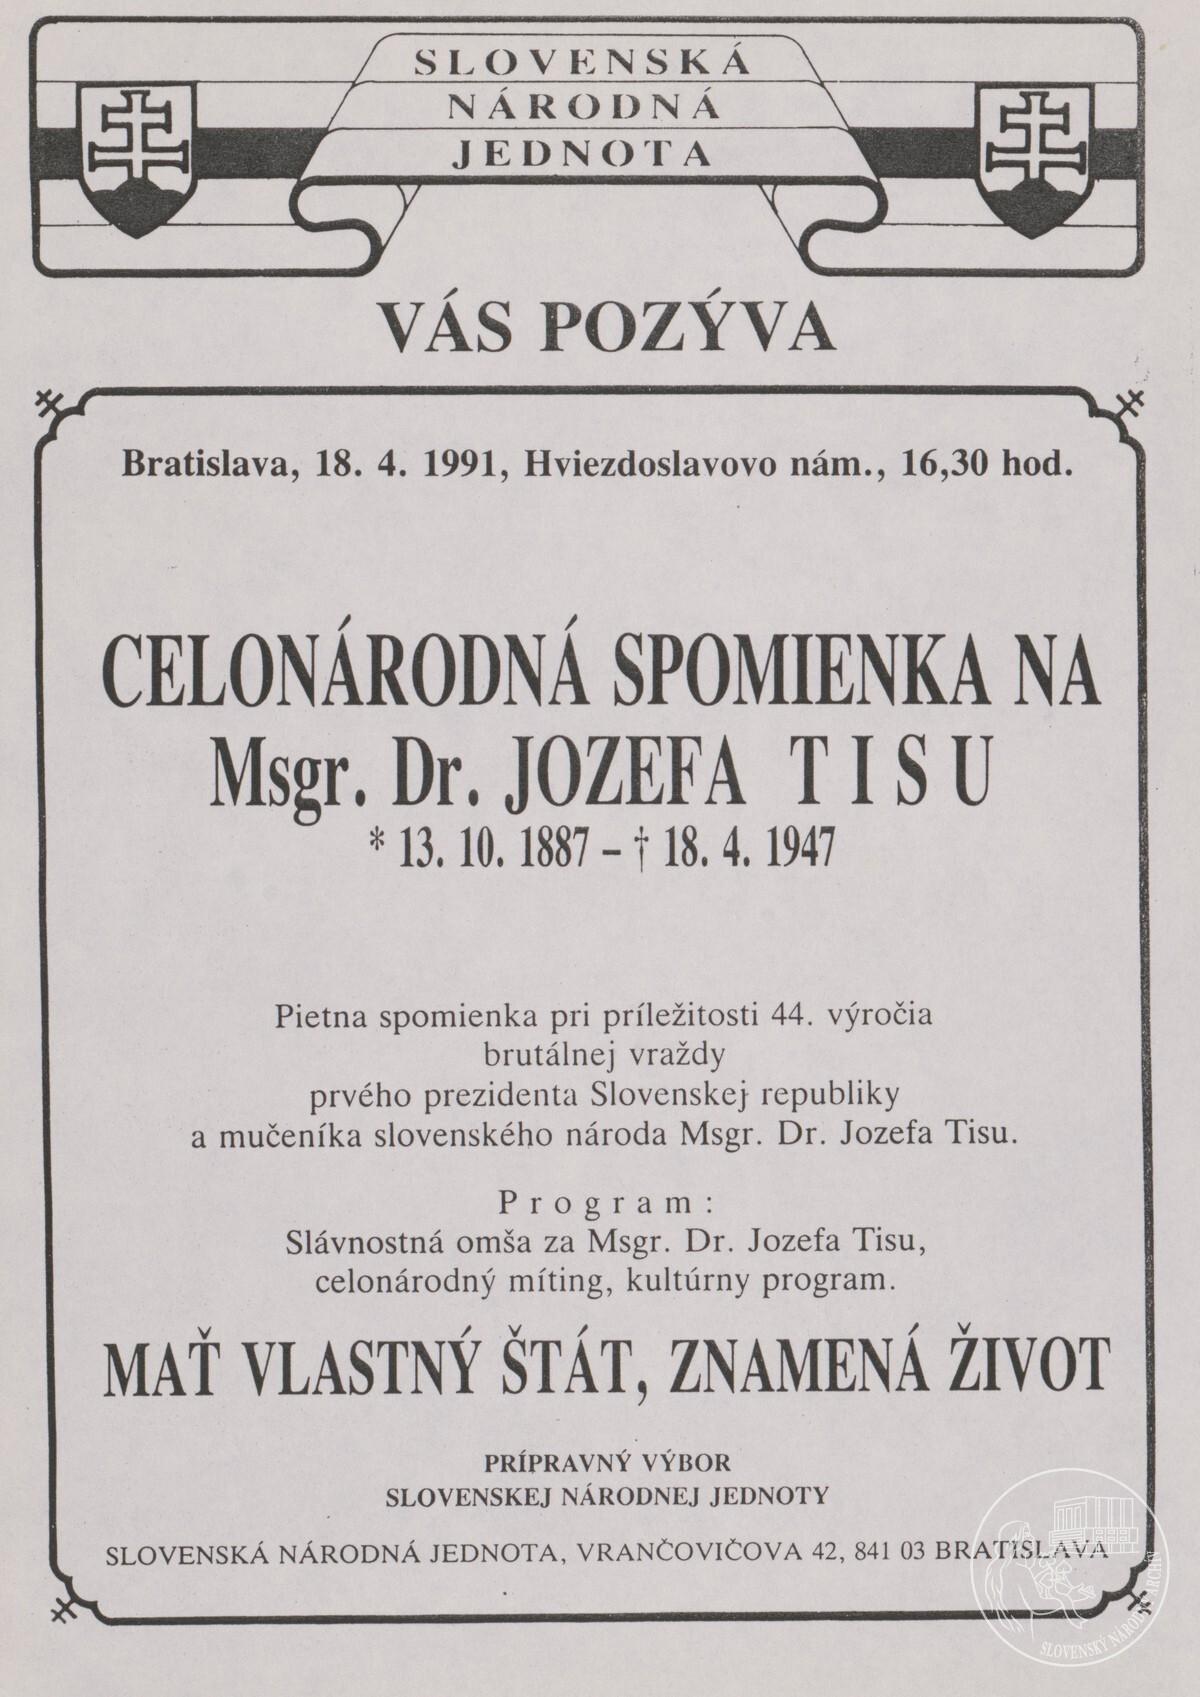 Celonárodná spomienka na Msgr. Dr. Jozefa Tisu – podujatie organizované Slovenskou národnou jednotou v Bratislave na Hviezdoslavovom námestí 18. 4. 1991. Slovenský národný archív